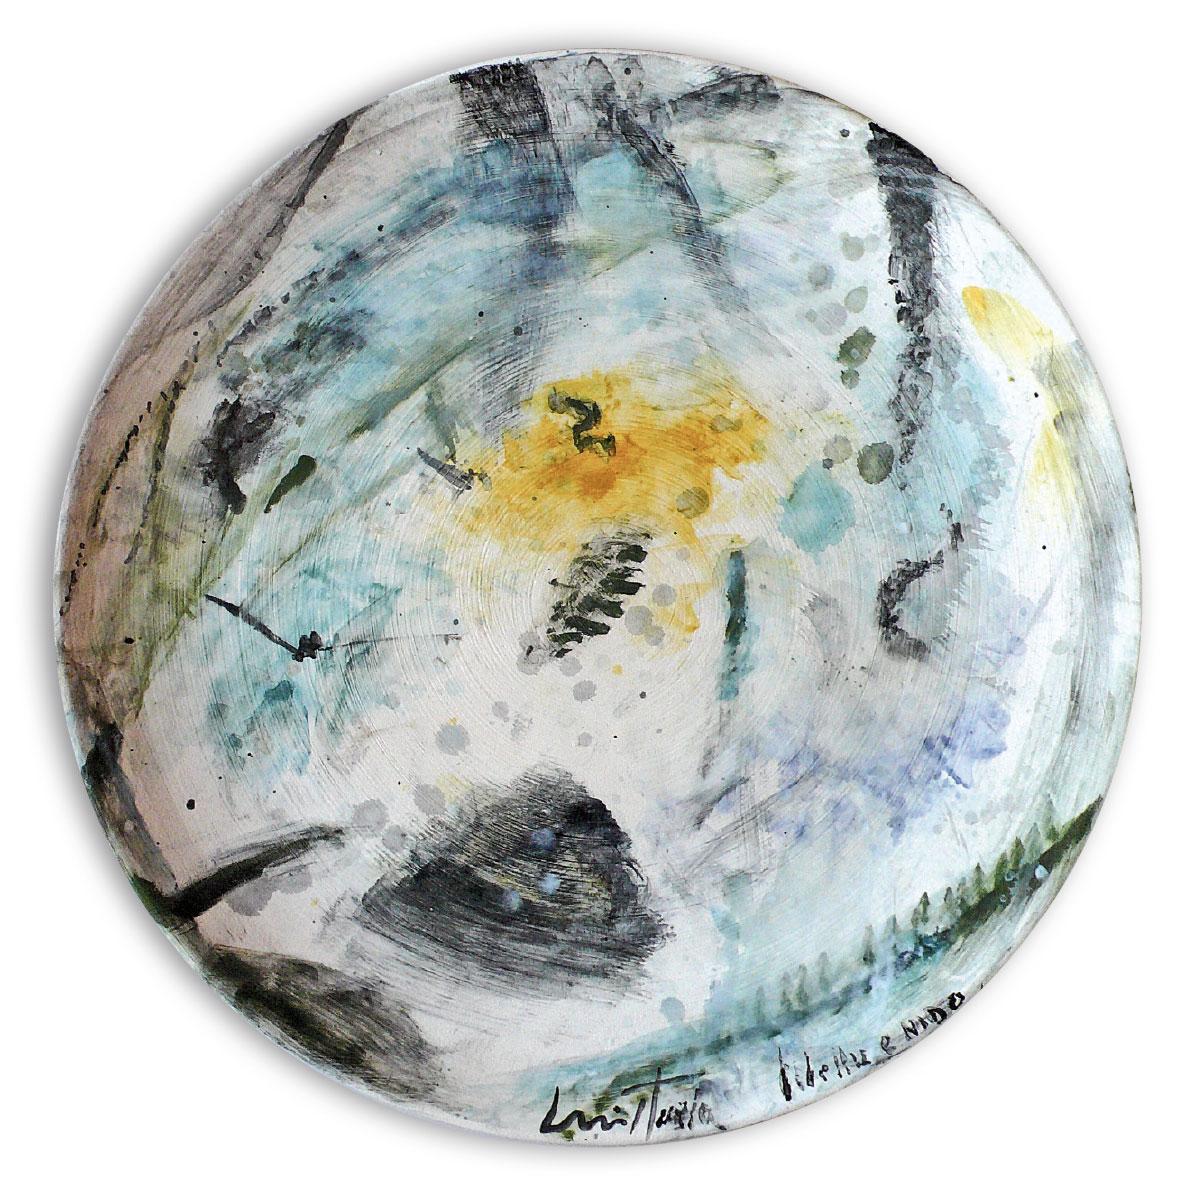 L'opera dell'artista Luiso Sturla acquisita dal Museo a cielo aperto di Denice, dedicato alla ceramica contemporanea